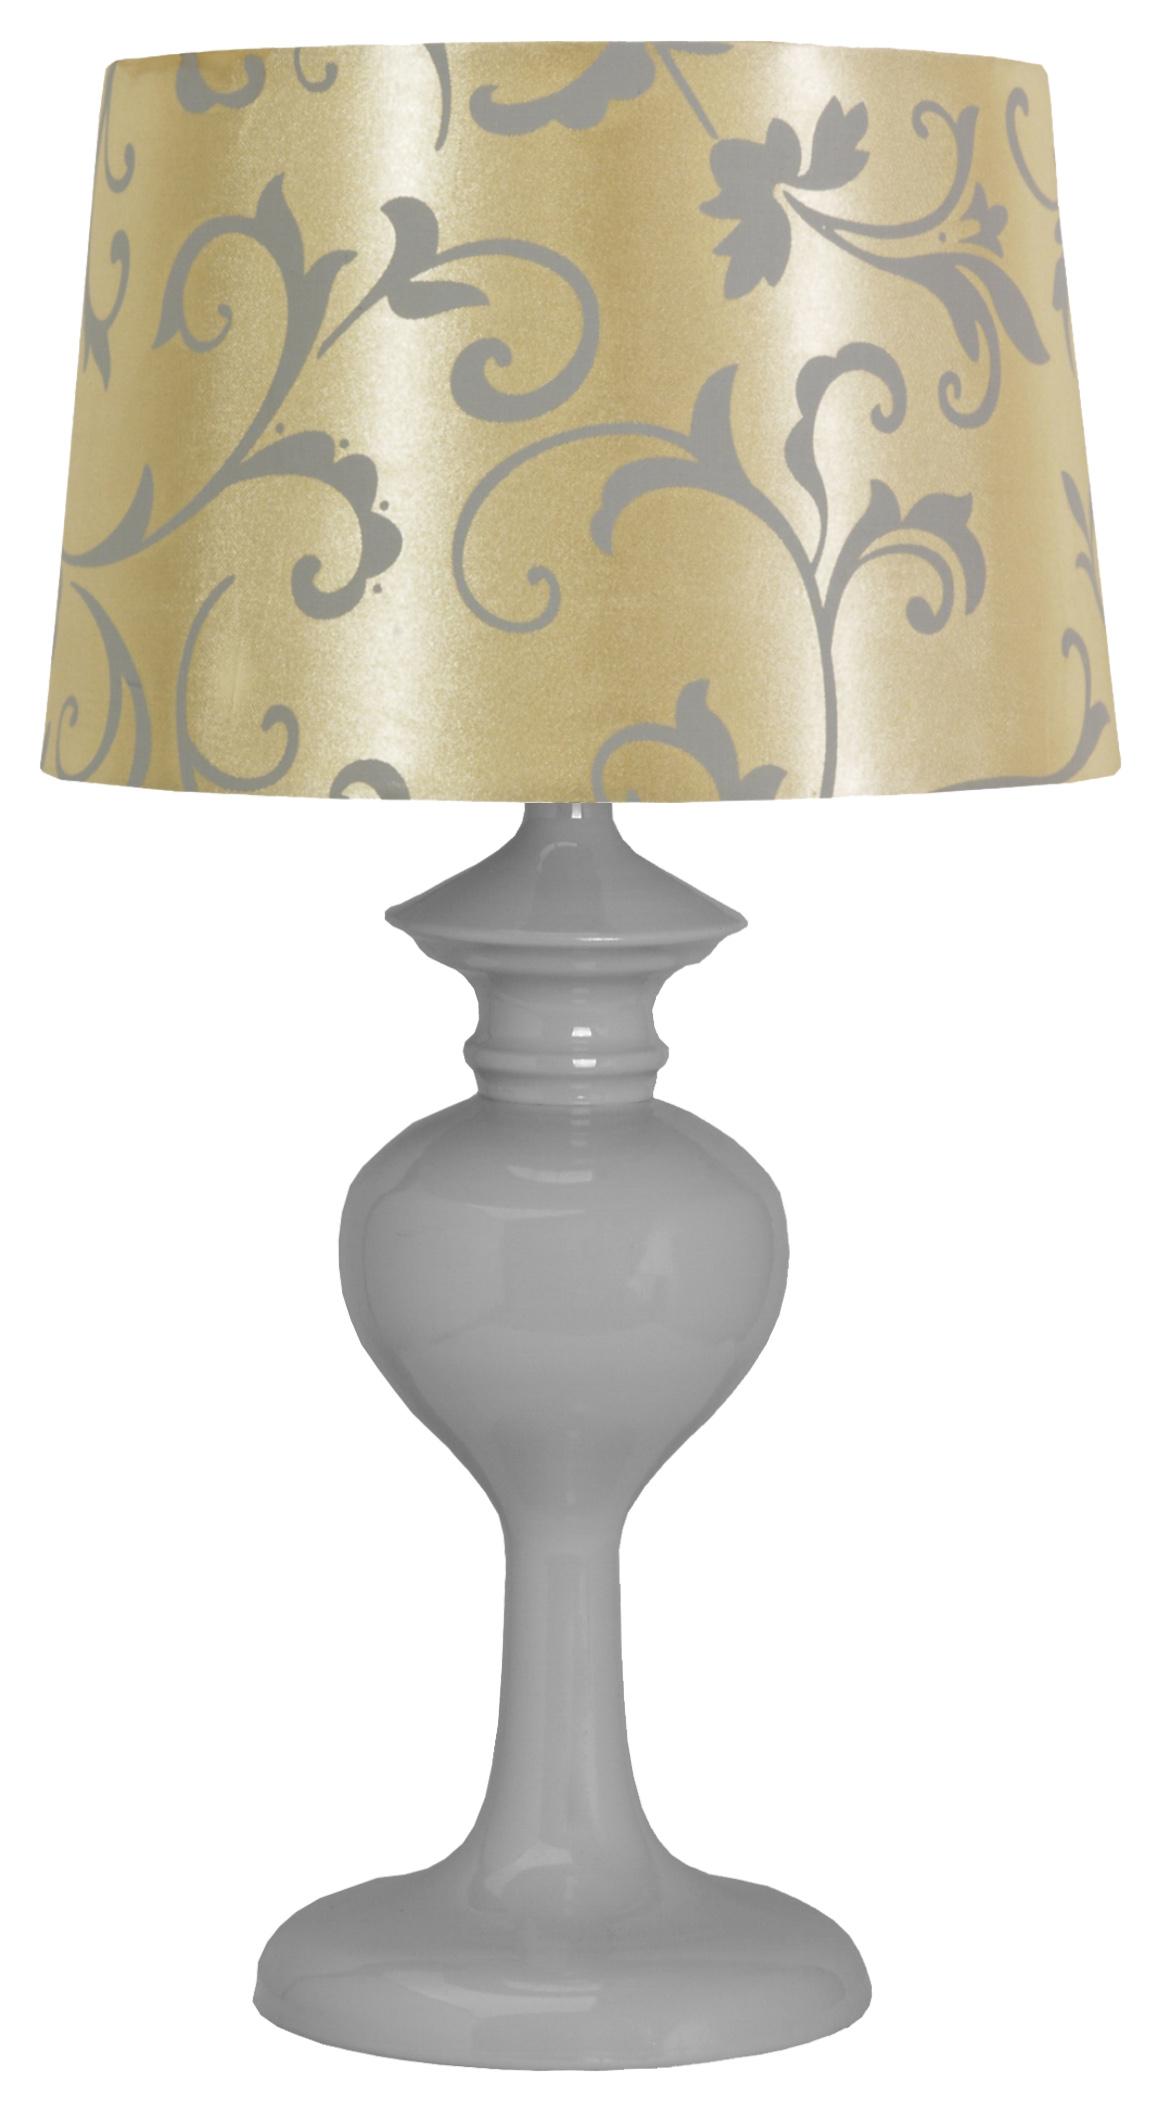 BERKANE LAMPA 1X40W E14 SZARY/BEŻOWY - 41-64431